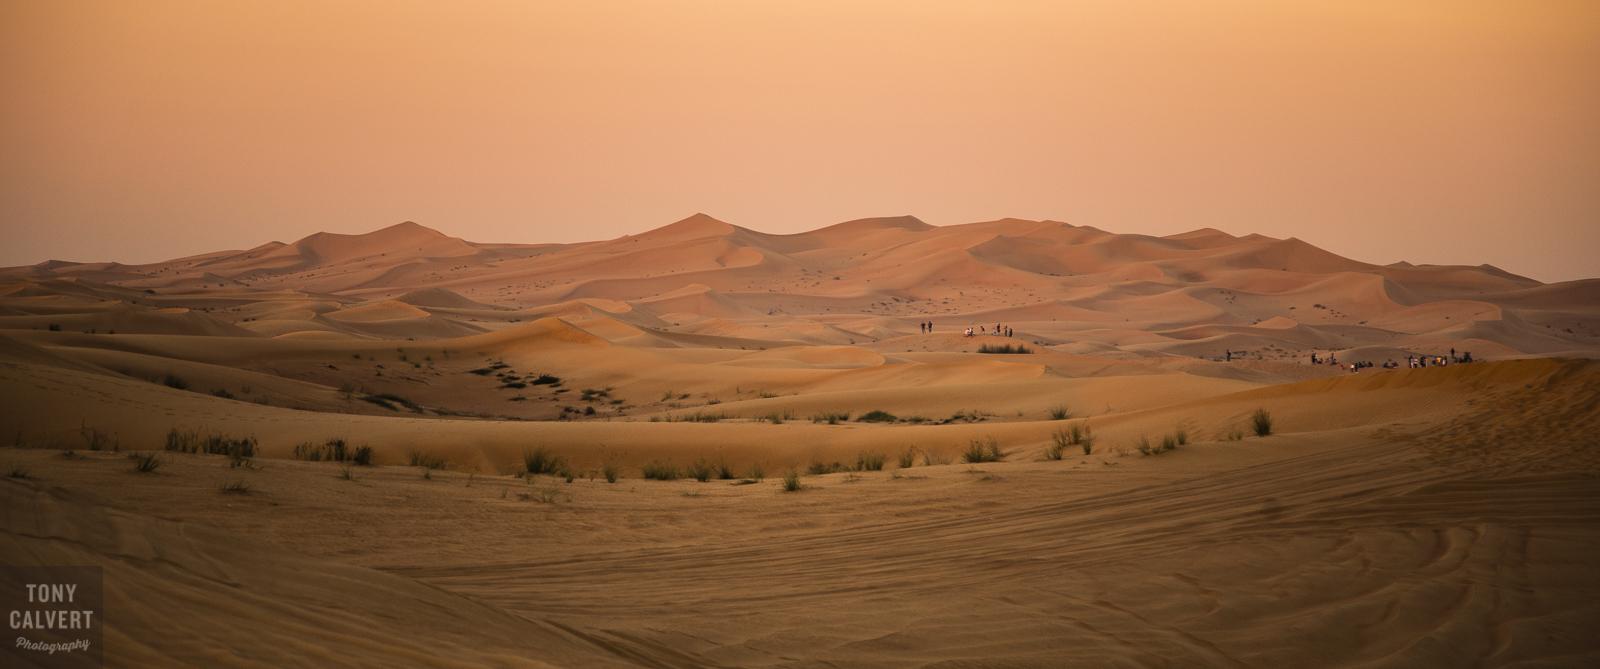 Desert Sunset -Dubai